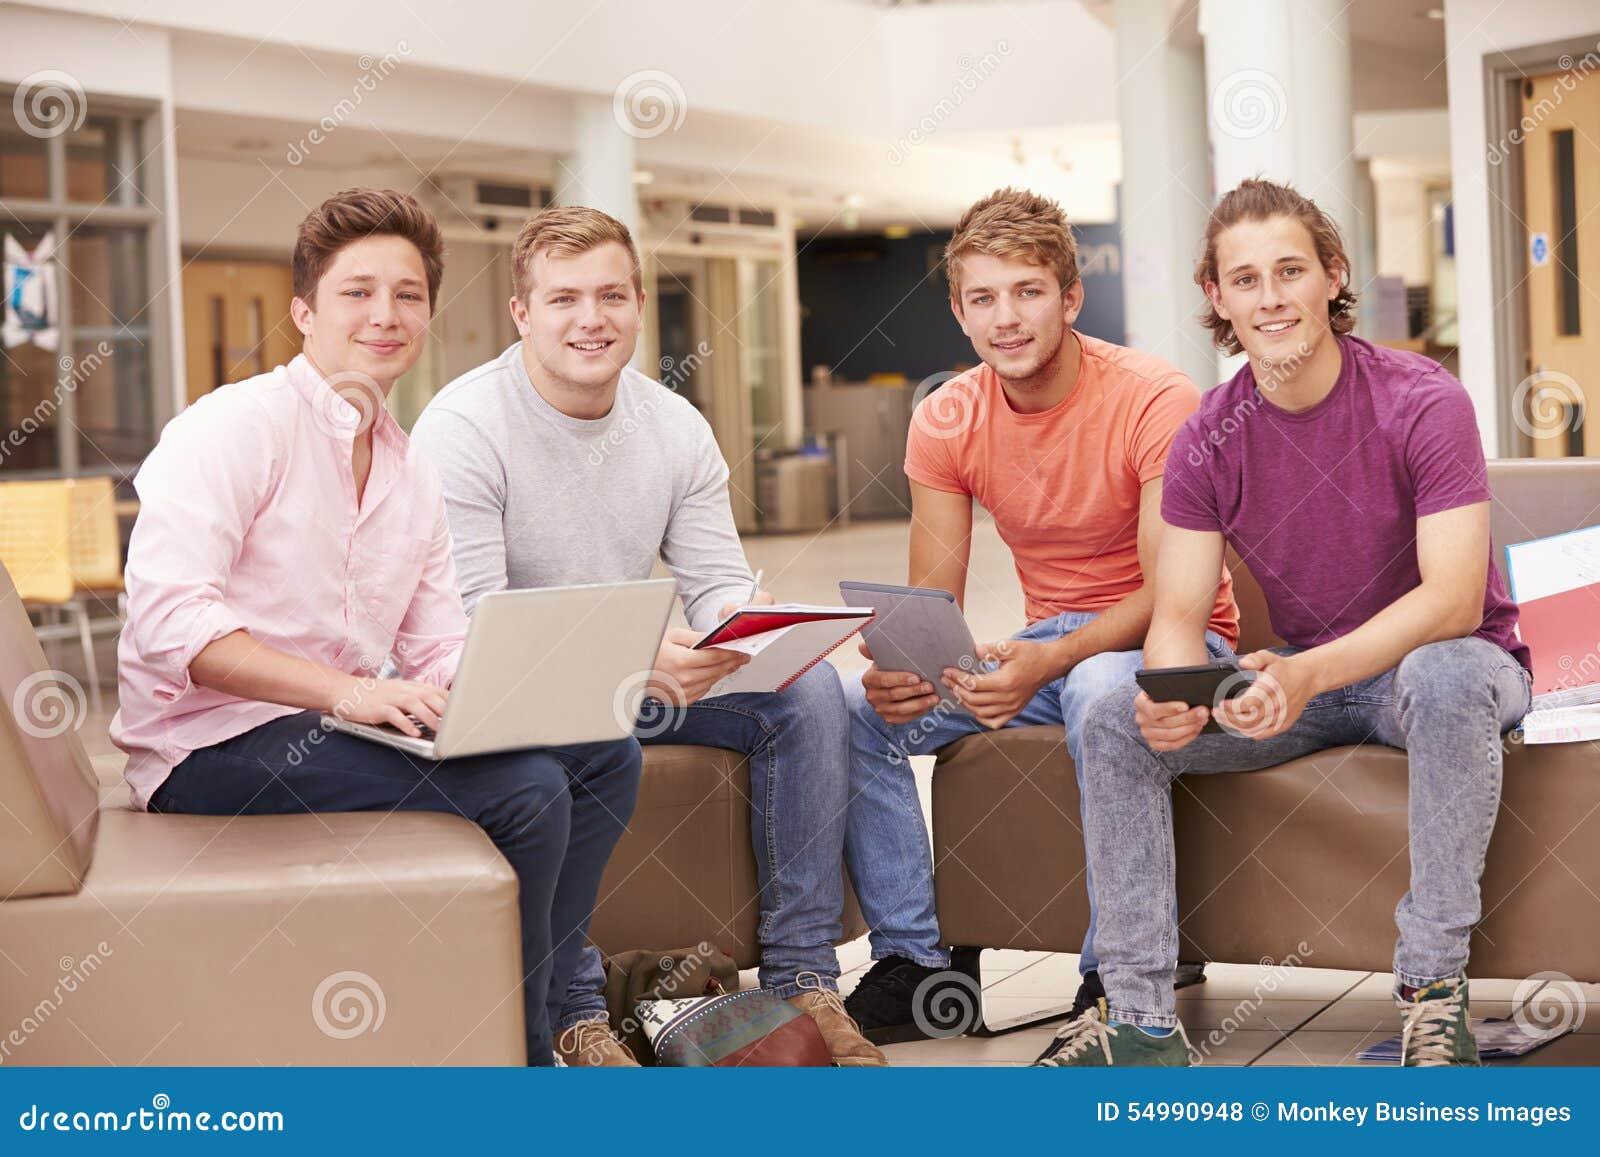 Manliga högskolestudenter som tillsammans sitter och talar